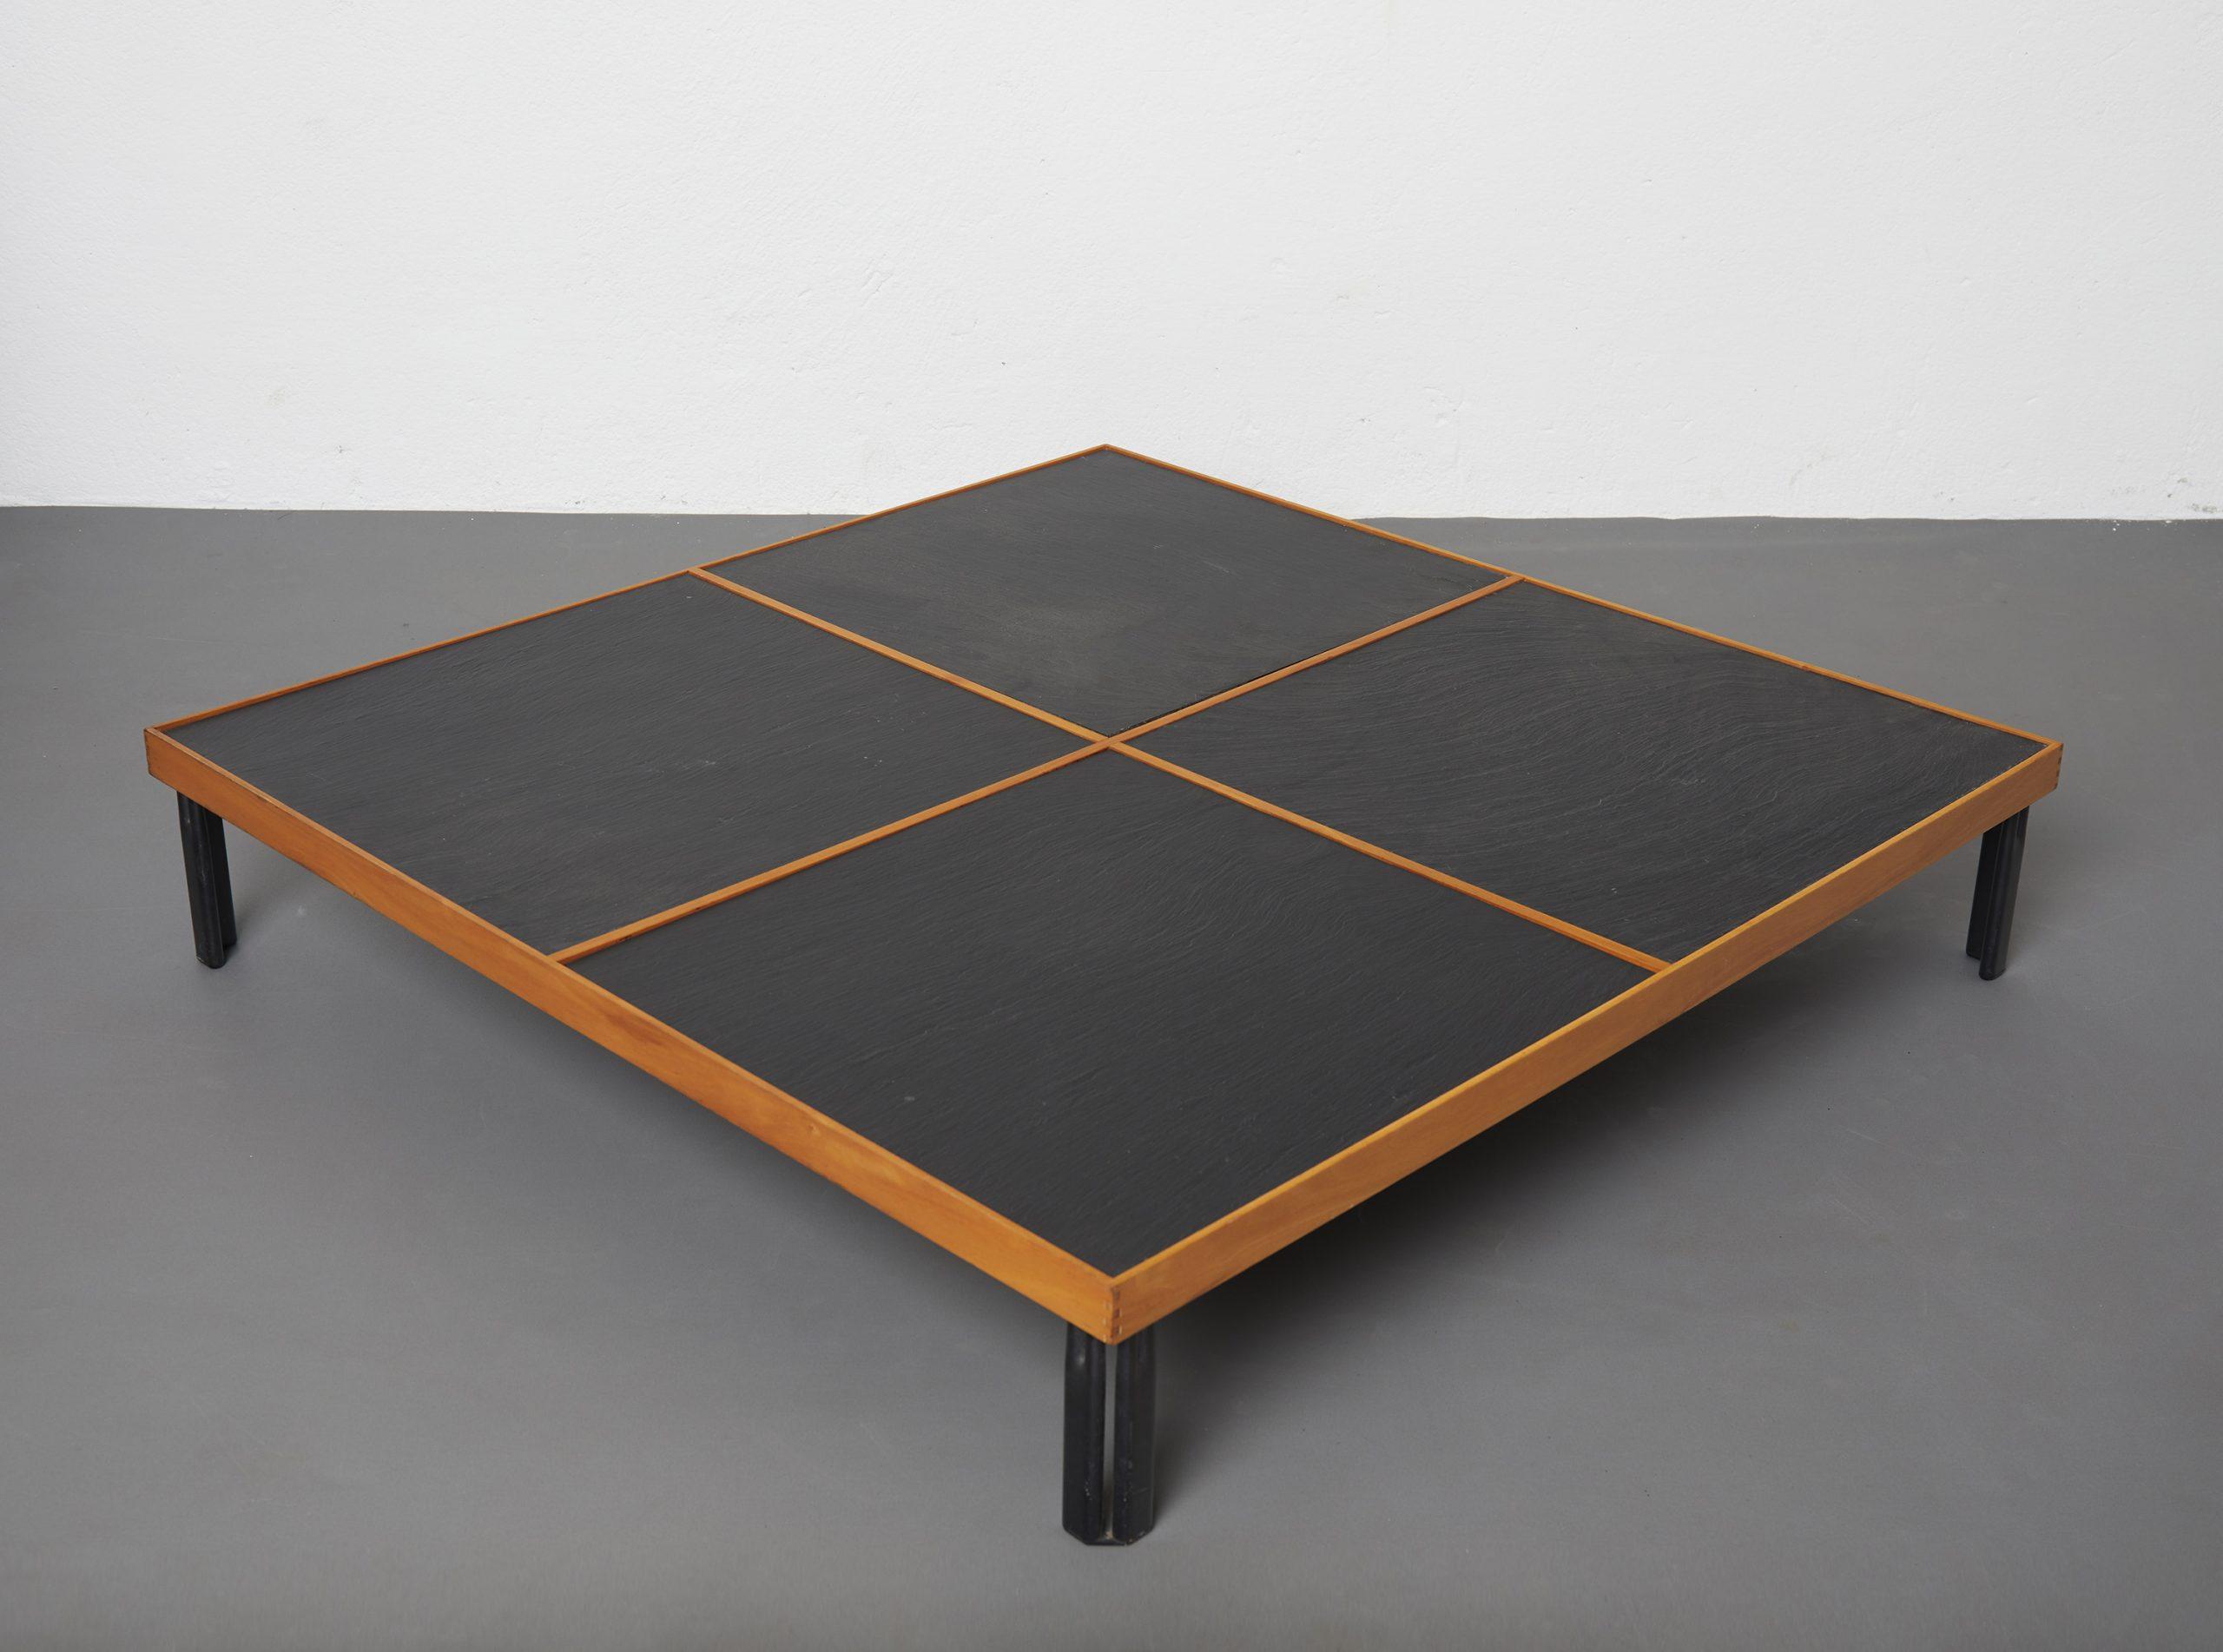 naviglio-coffee-table-by-piero-de-martini-cassina-1980-image-02